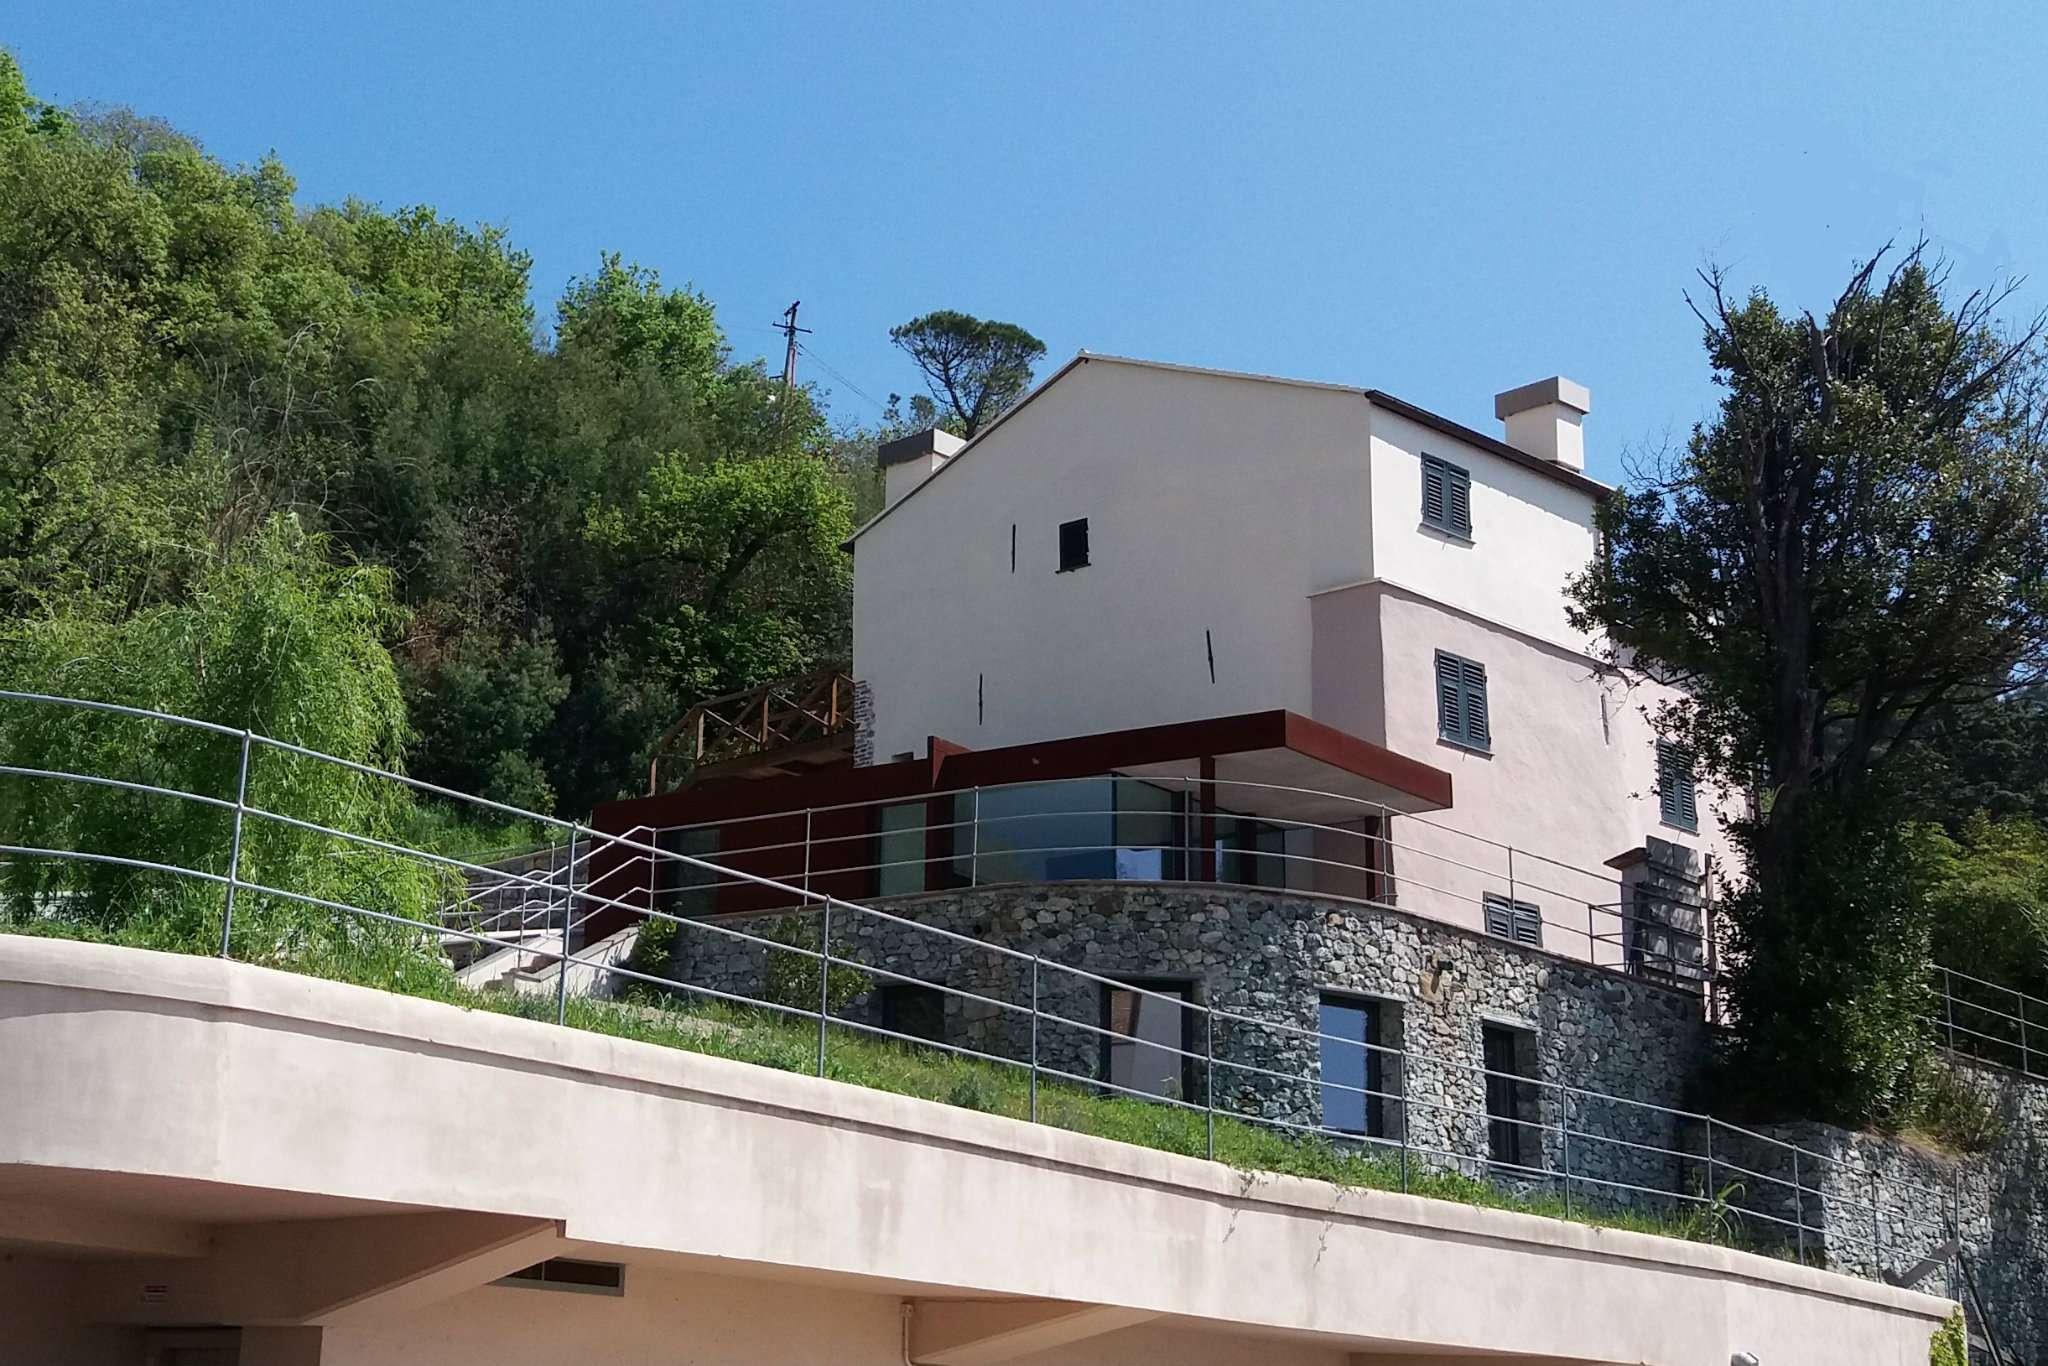 Villa in vendita a Genova, 9999 locali, zona Zona: 14 . Pegli, Trattative riservate | CambioCasa.it